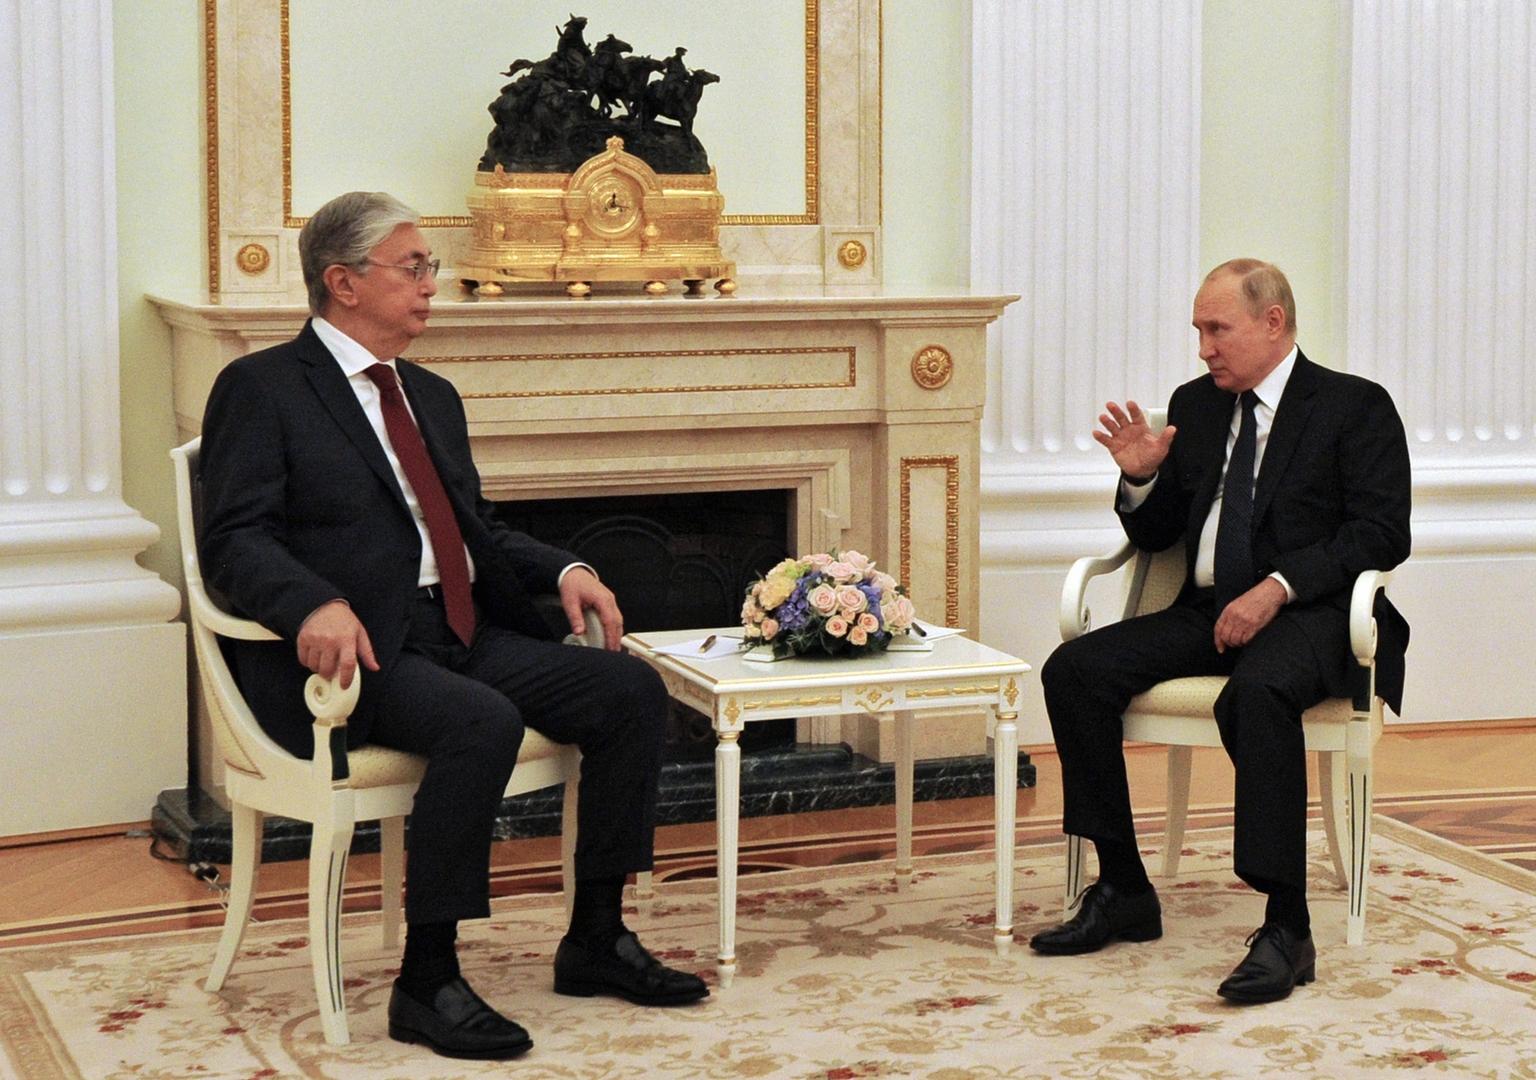 الرئيسان الروسي فلاديمير بوتين والكازاخستاني قاسم جومارت توكايف يجريان محادثات في موسكو، 21 أغسطس 2021